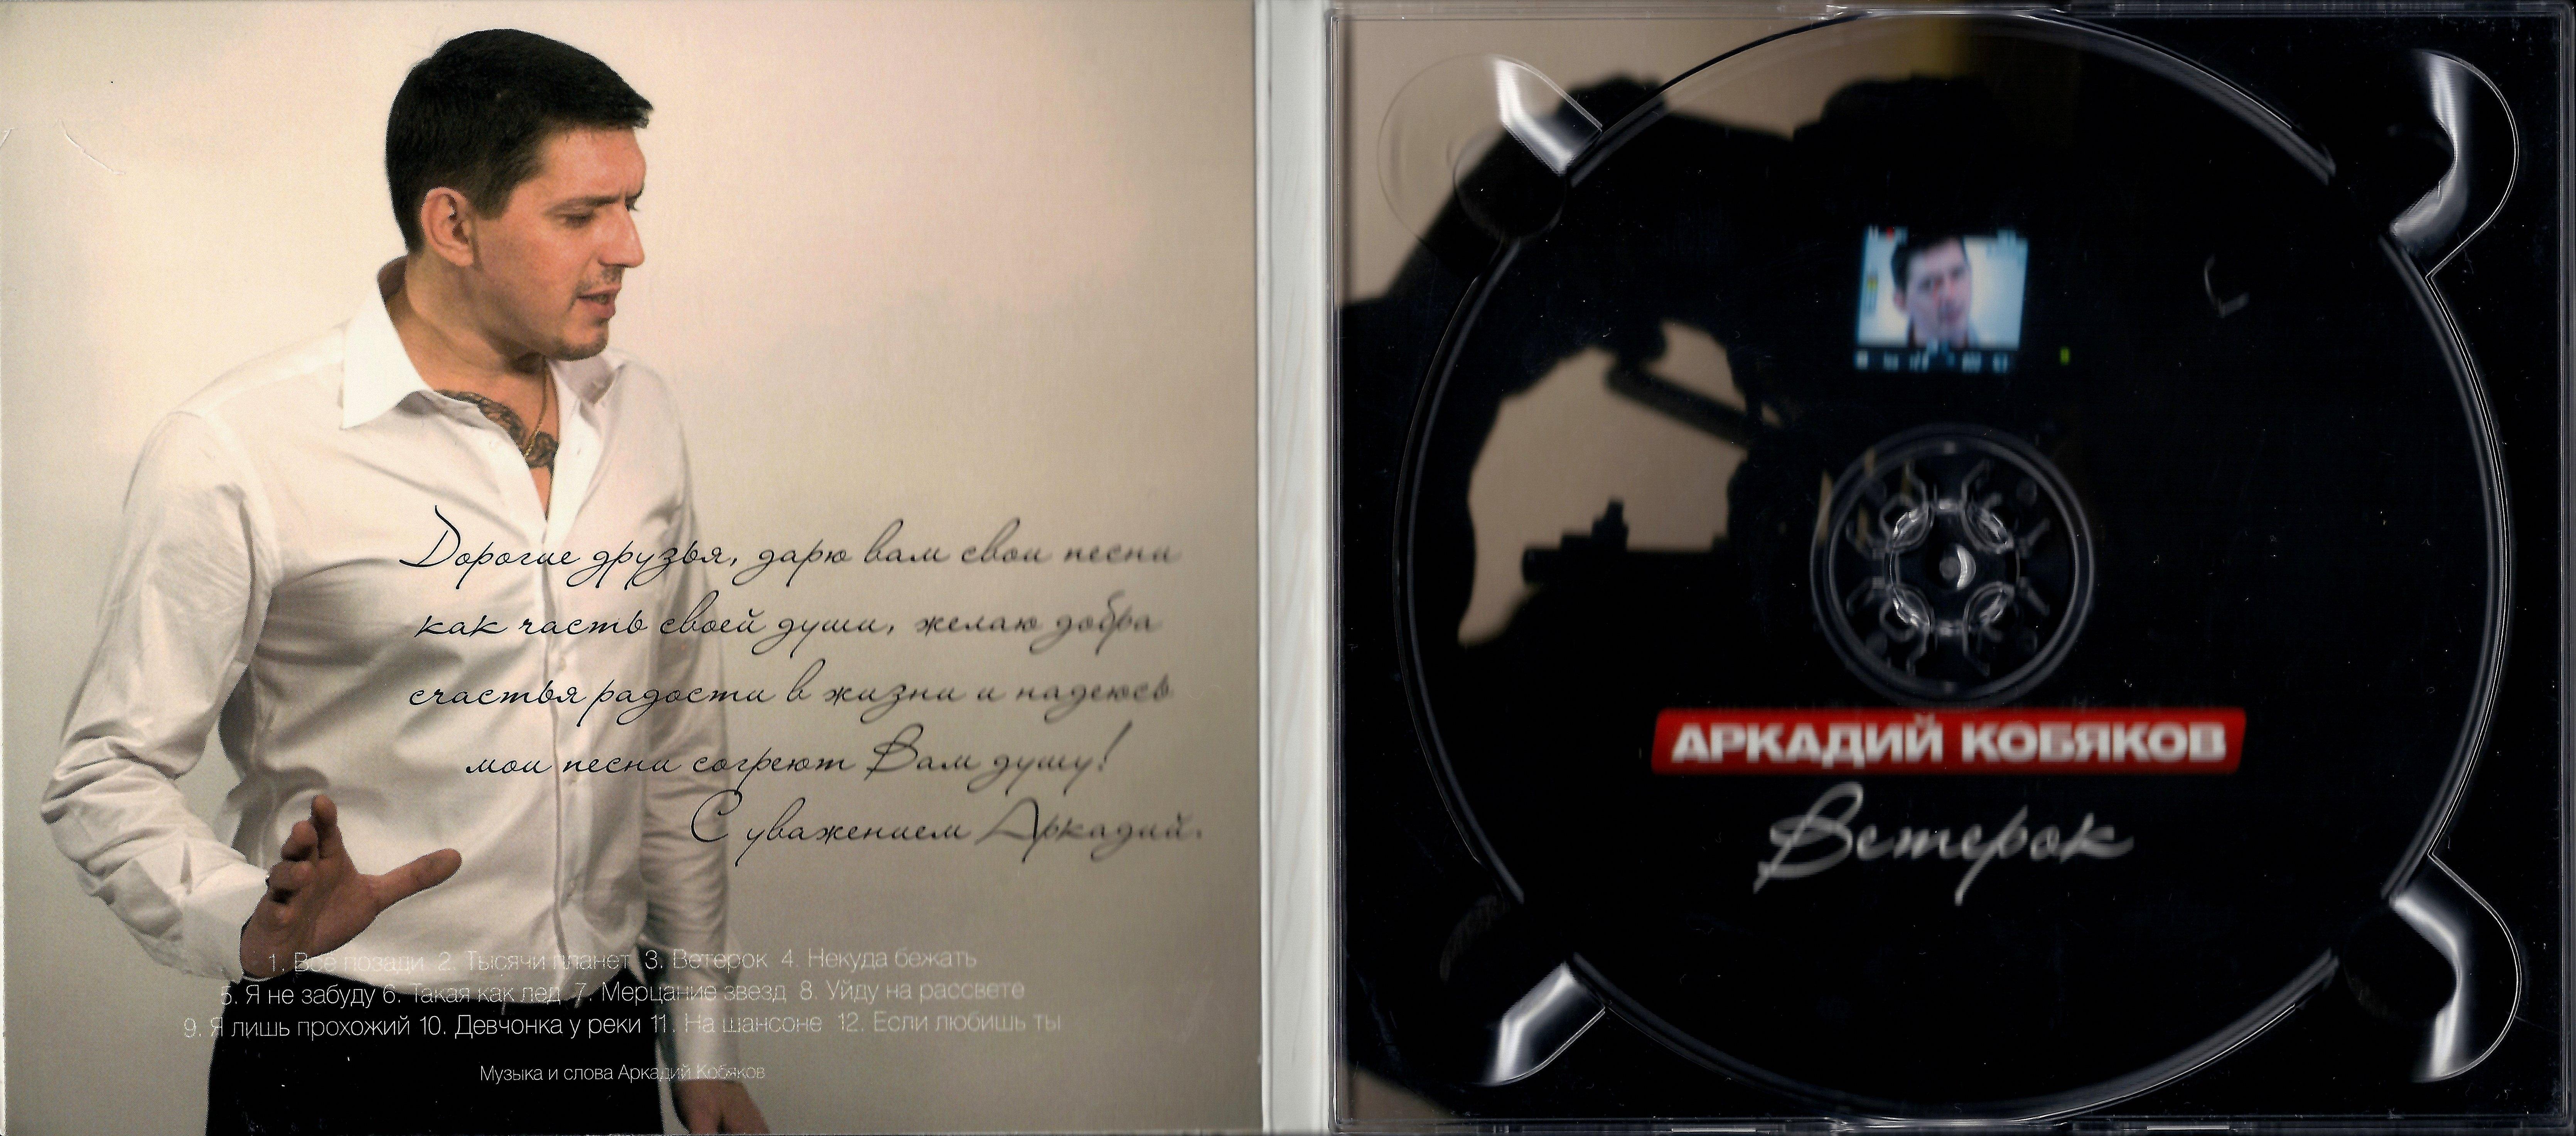 Торрент аркадий скачать кобяков мр3 альбом